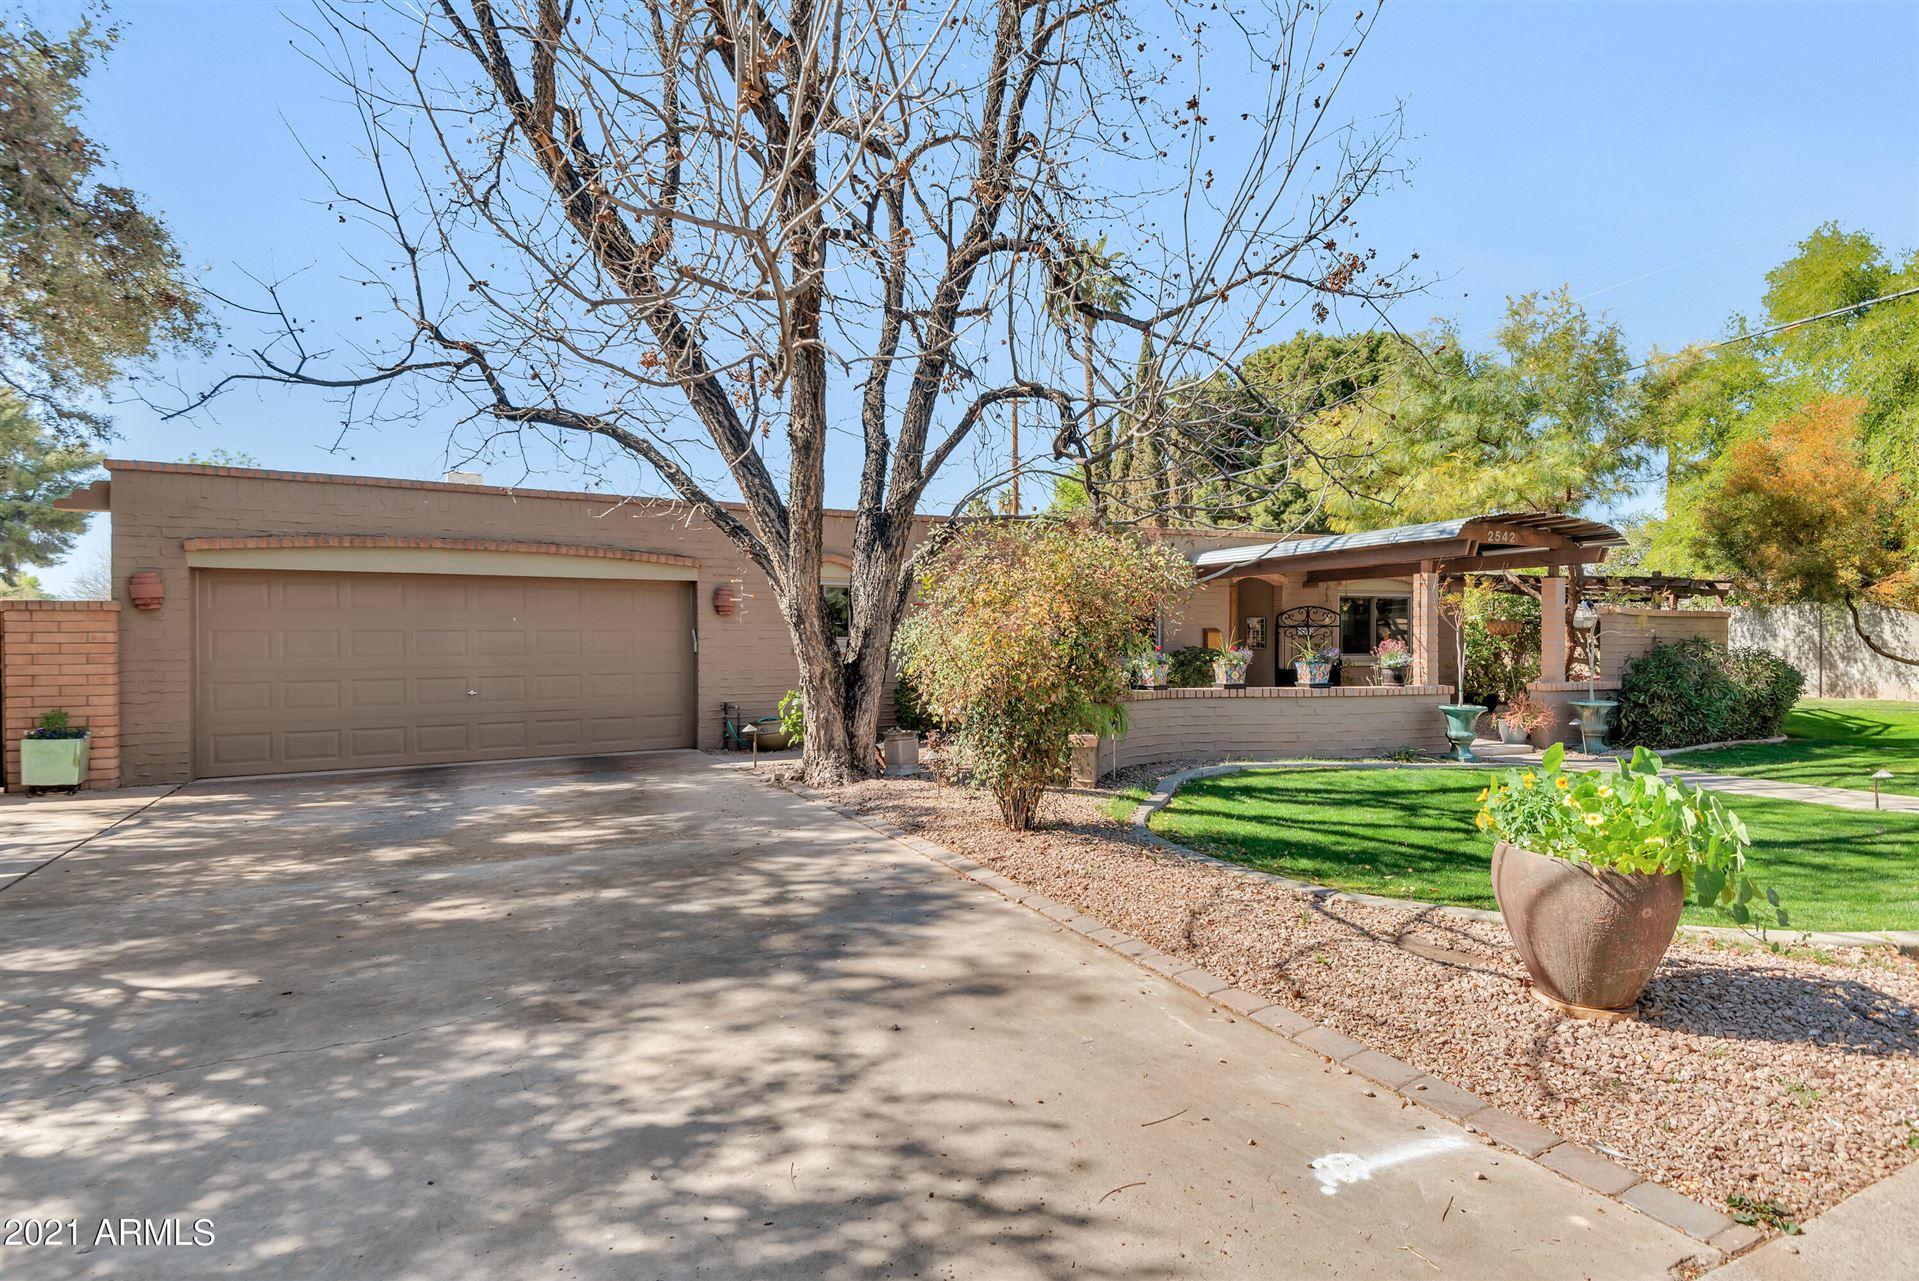 Photo of 2542 N 42ND Street N, Phoenix, AZ 85008 (MLS # 6202658)